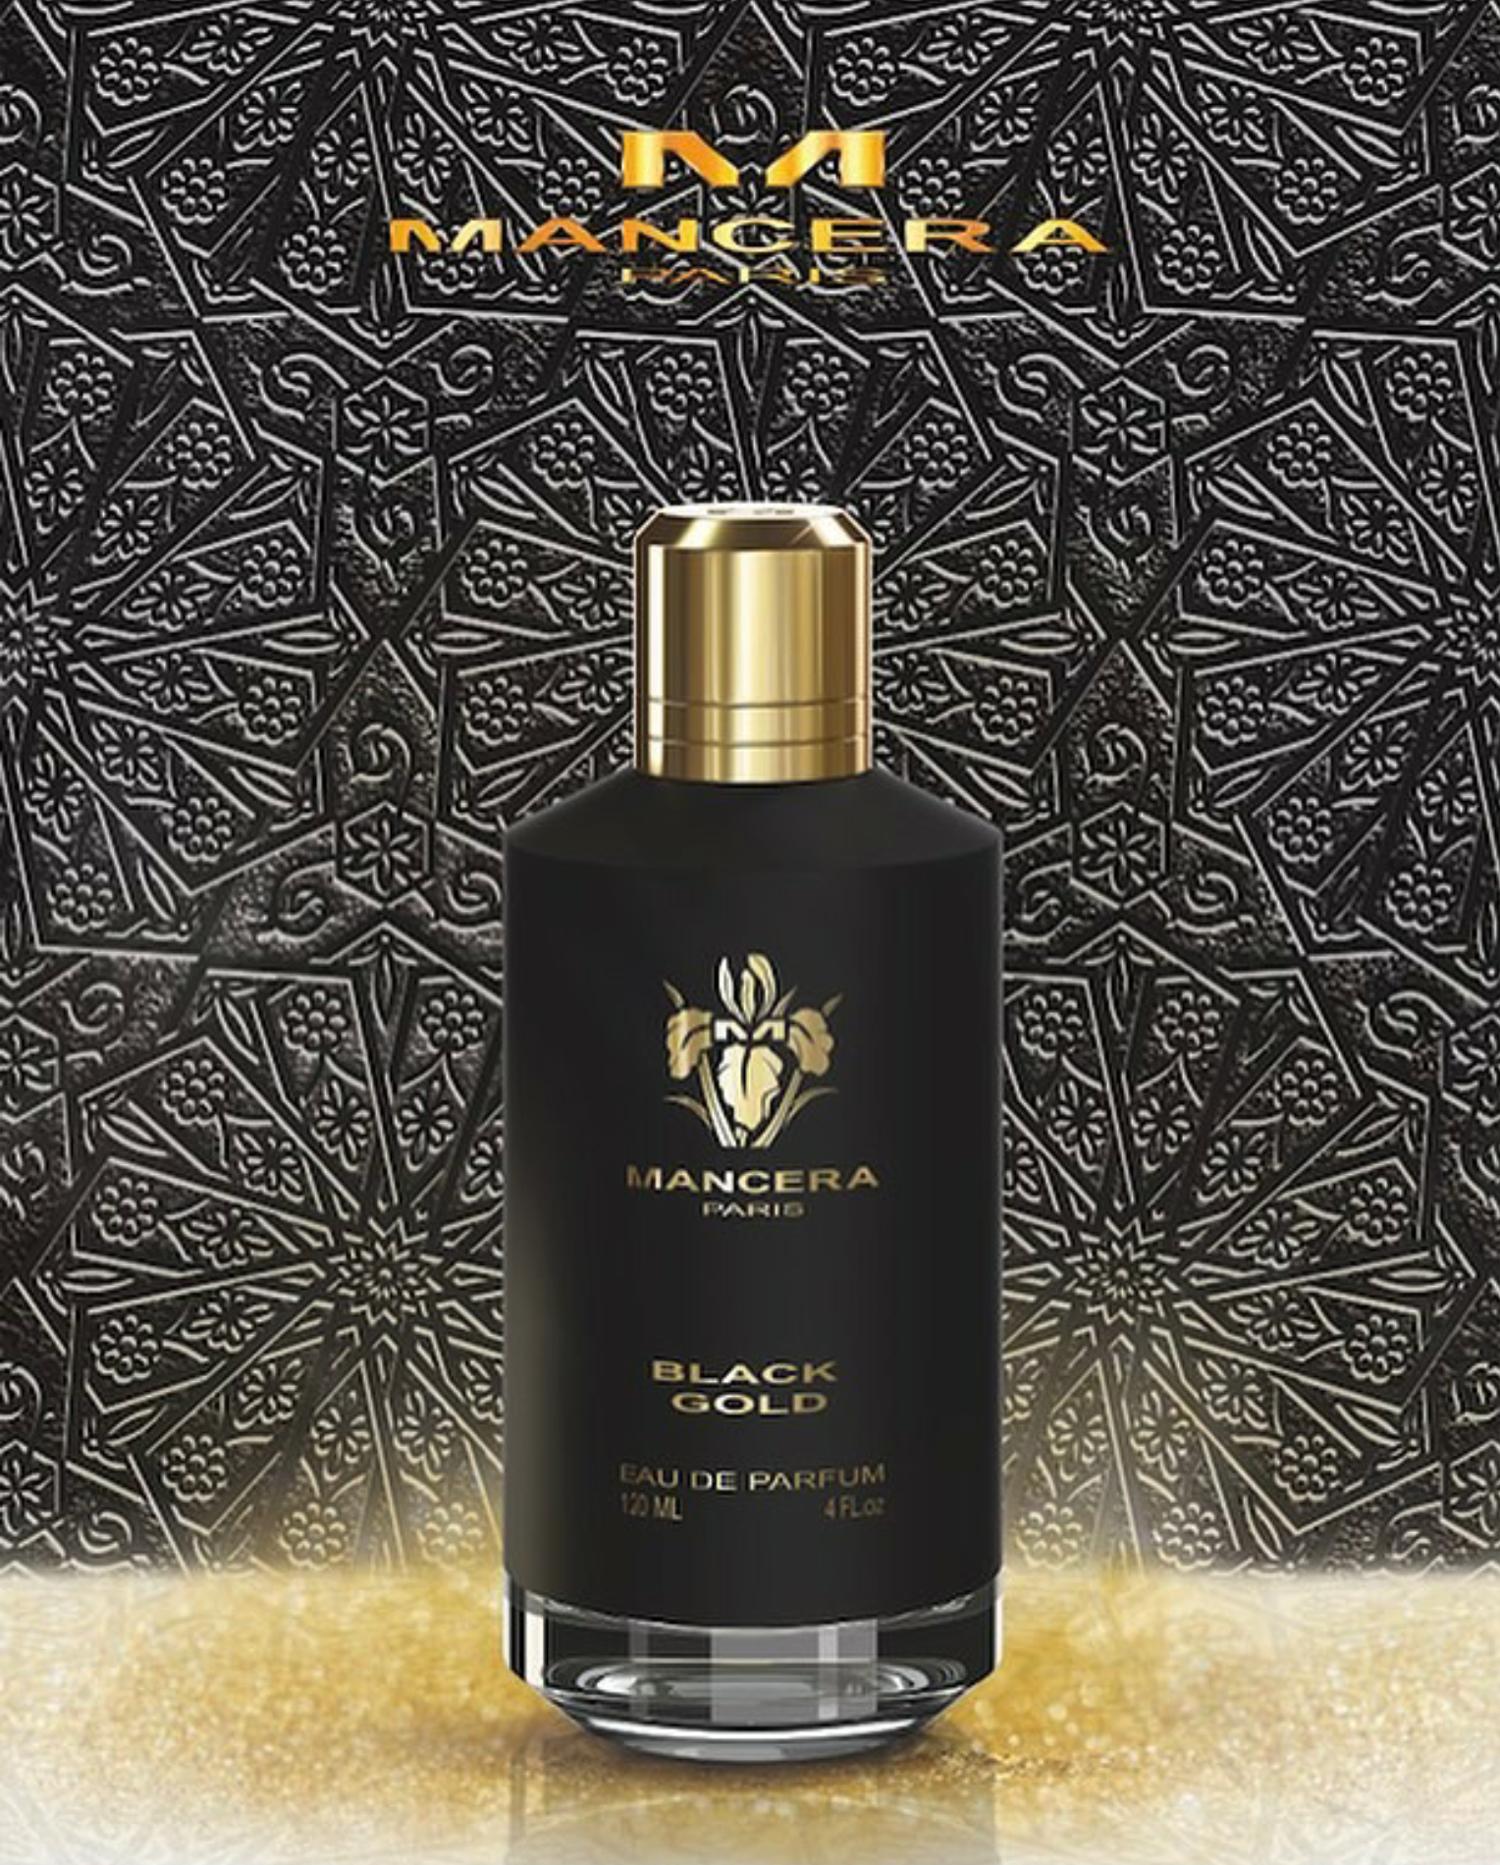 black gold mancera cologne a new fragrance for men 2017